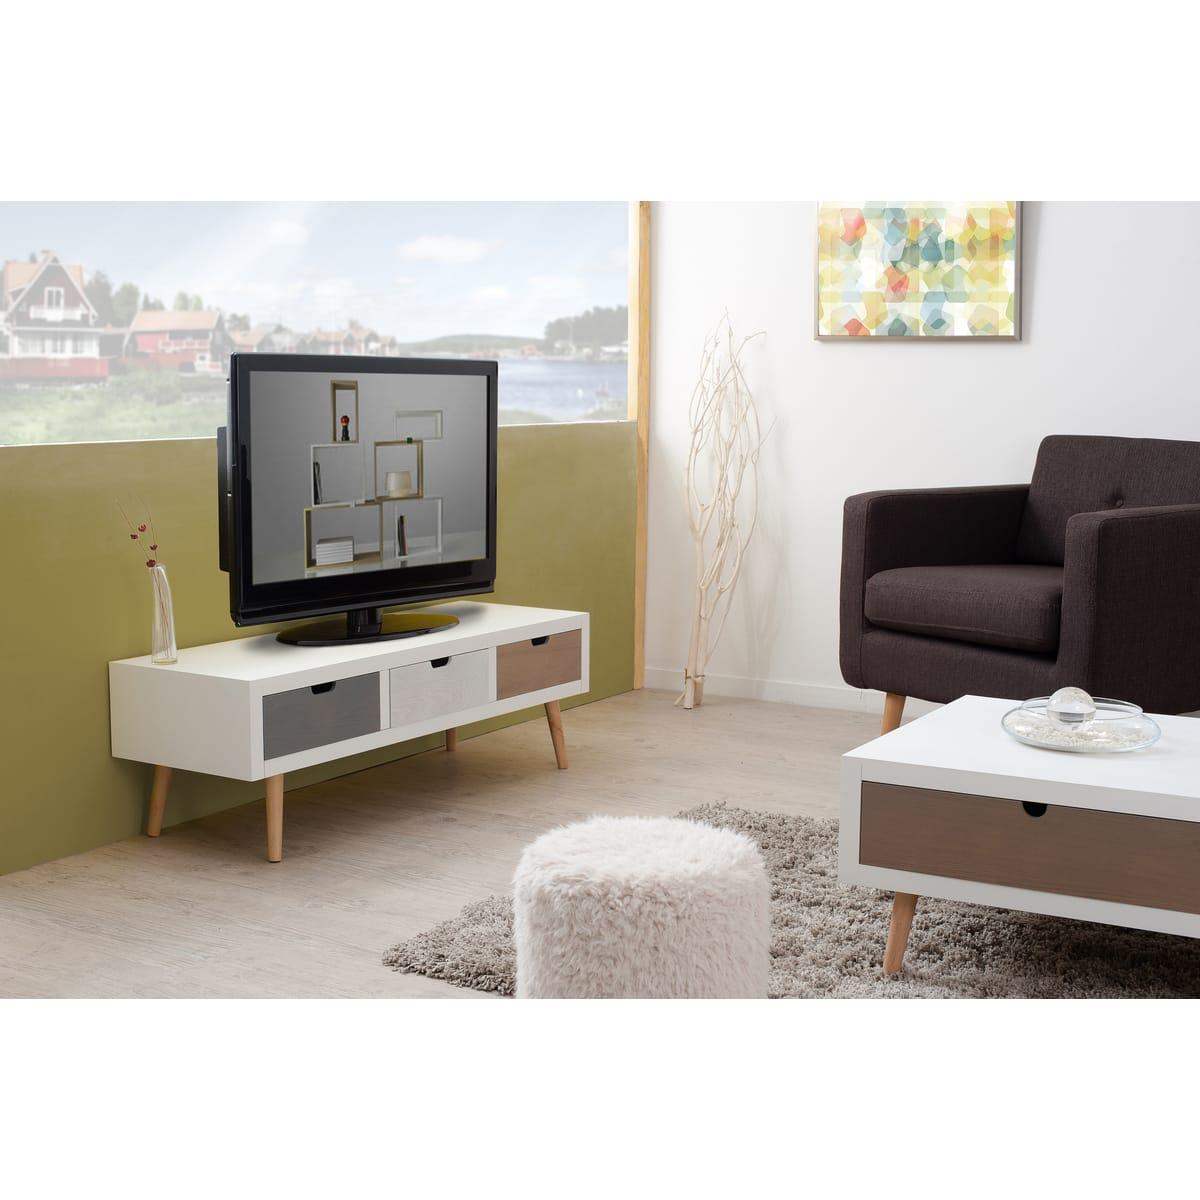 Meuble tv zoe mobilier design d coration d 39 int rieur for Meuble interieur design